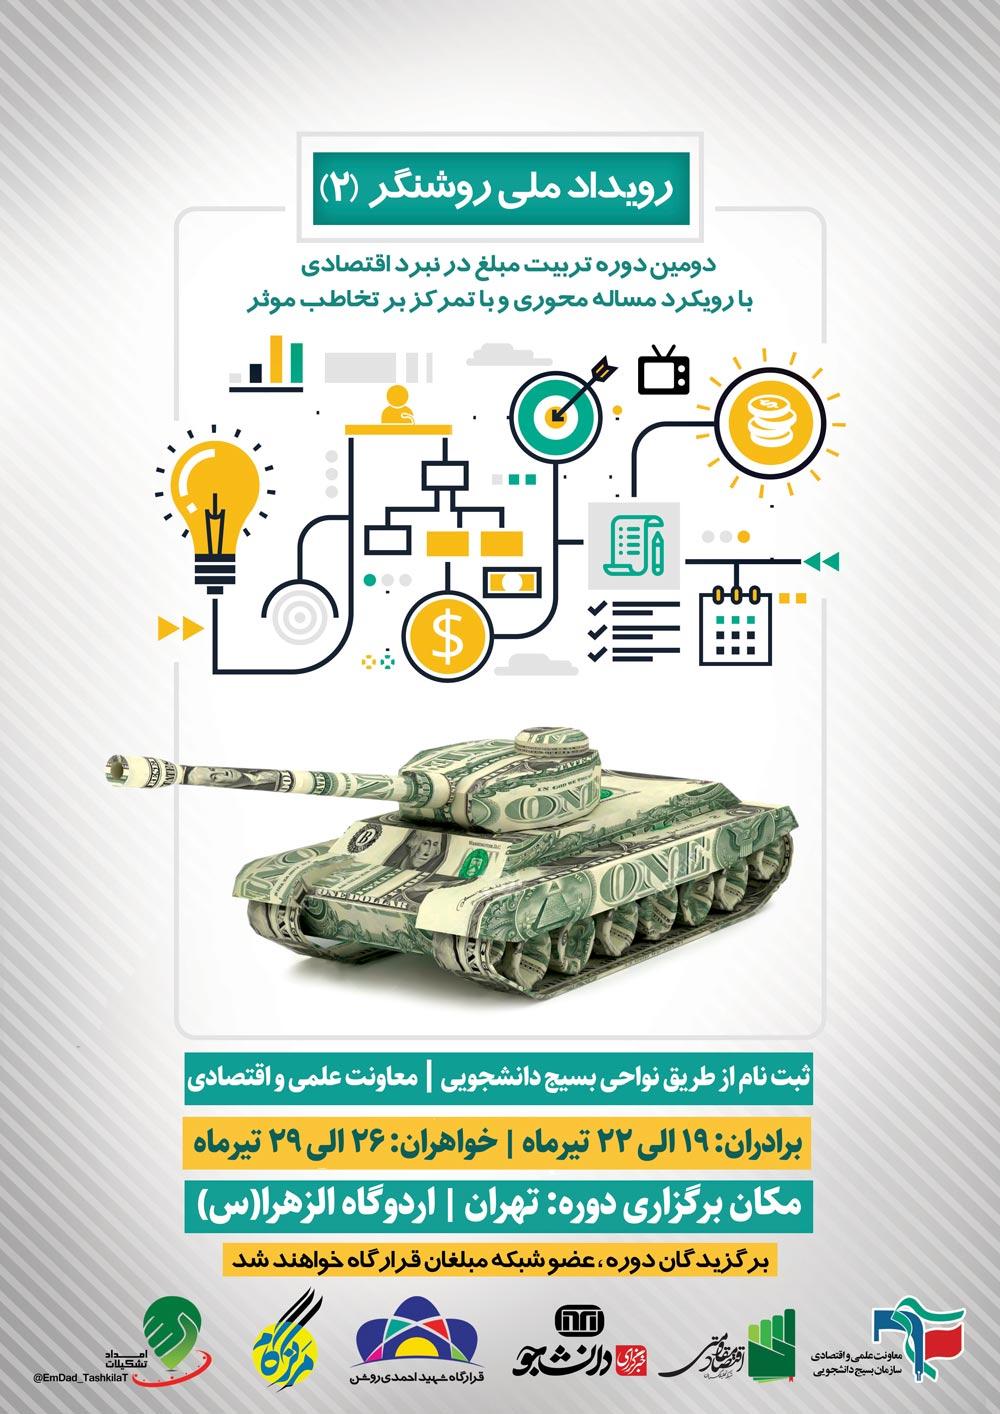 دومین دوره تربیت مبلغ در نبرد اقتصادی در تهران برگزار میشود